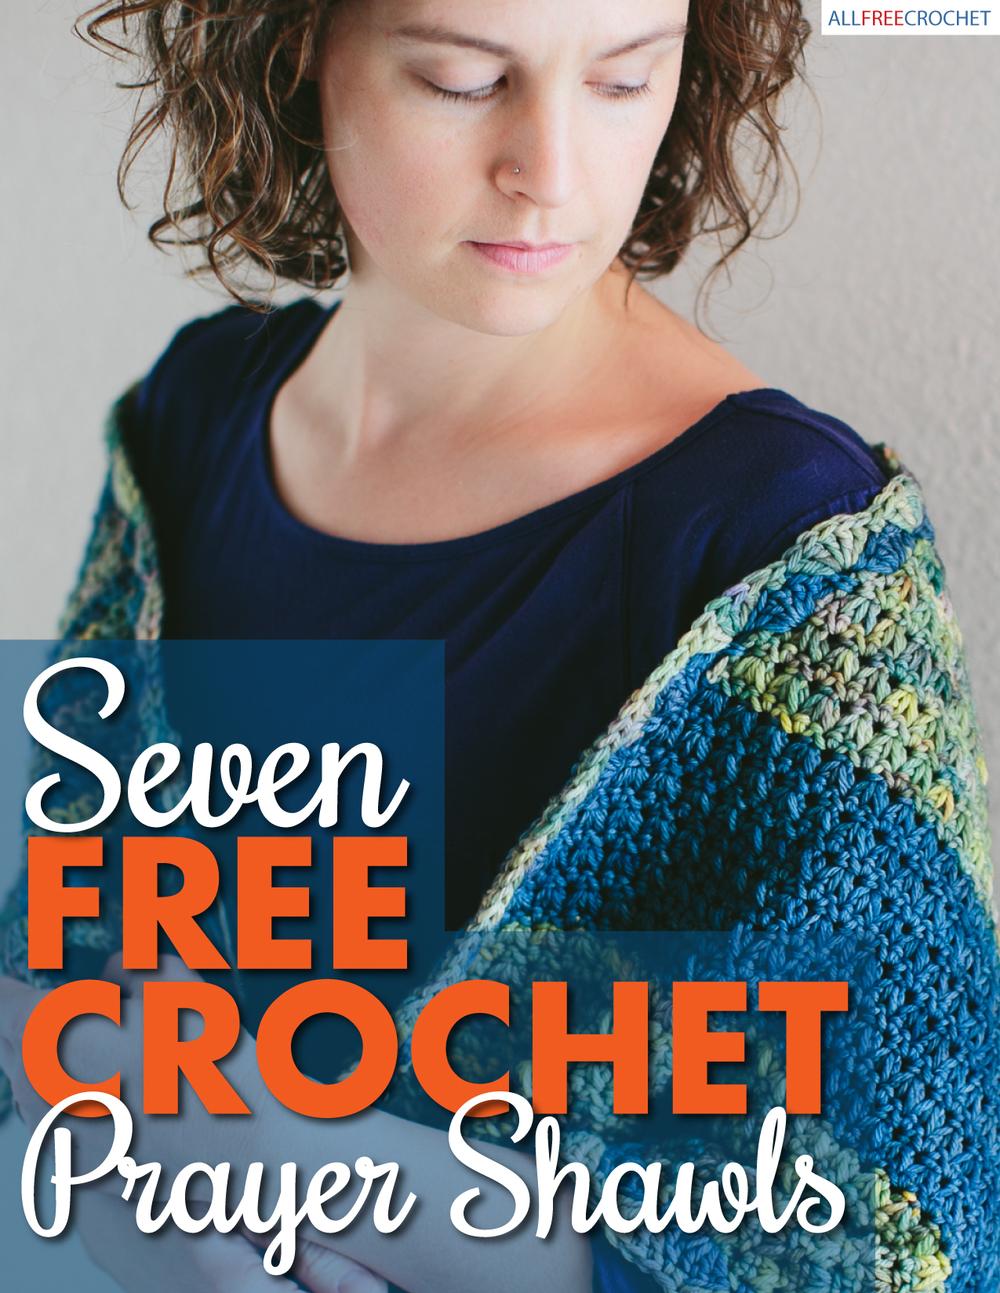 7 Free Crochet Prayer Shawls | AllFreeCrochet.com